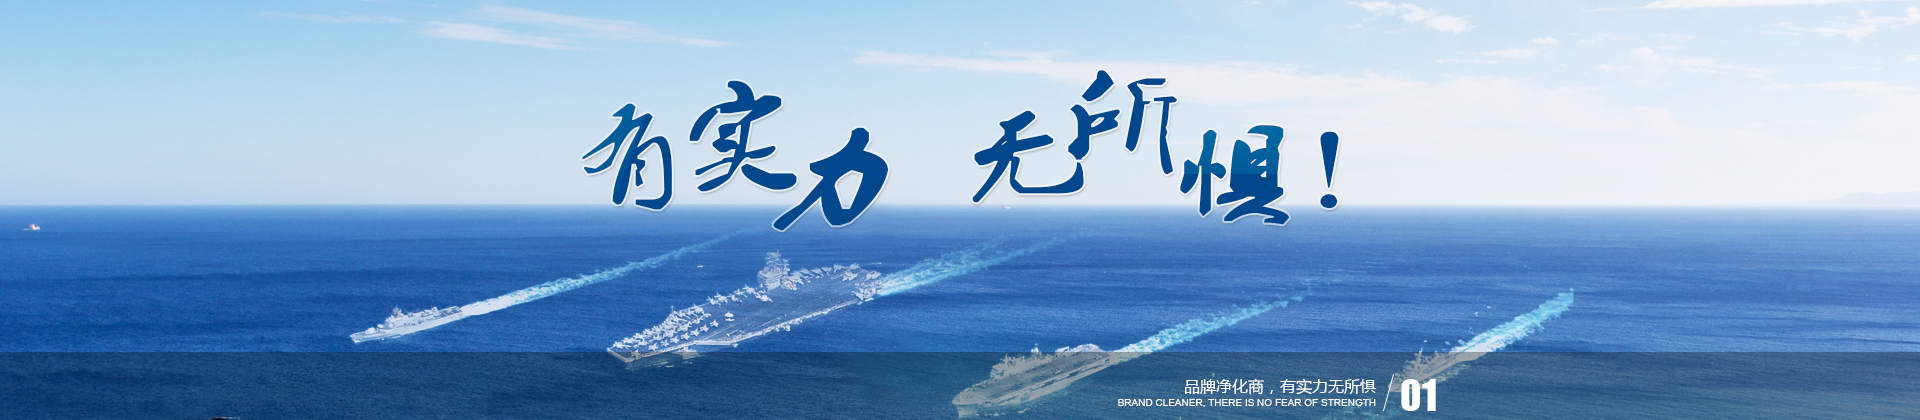 易纯净化江苏省10强净化工程公司